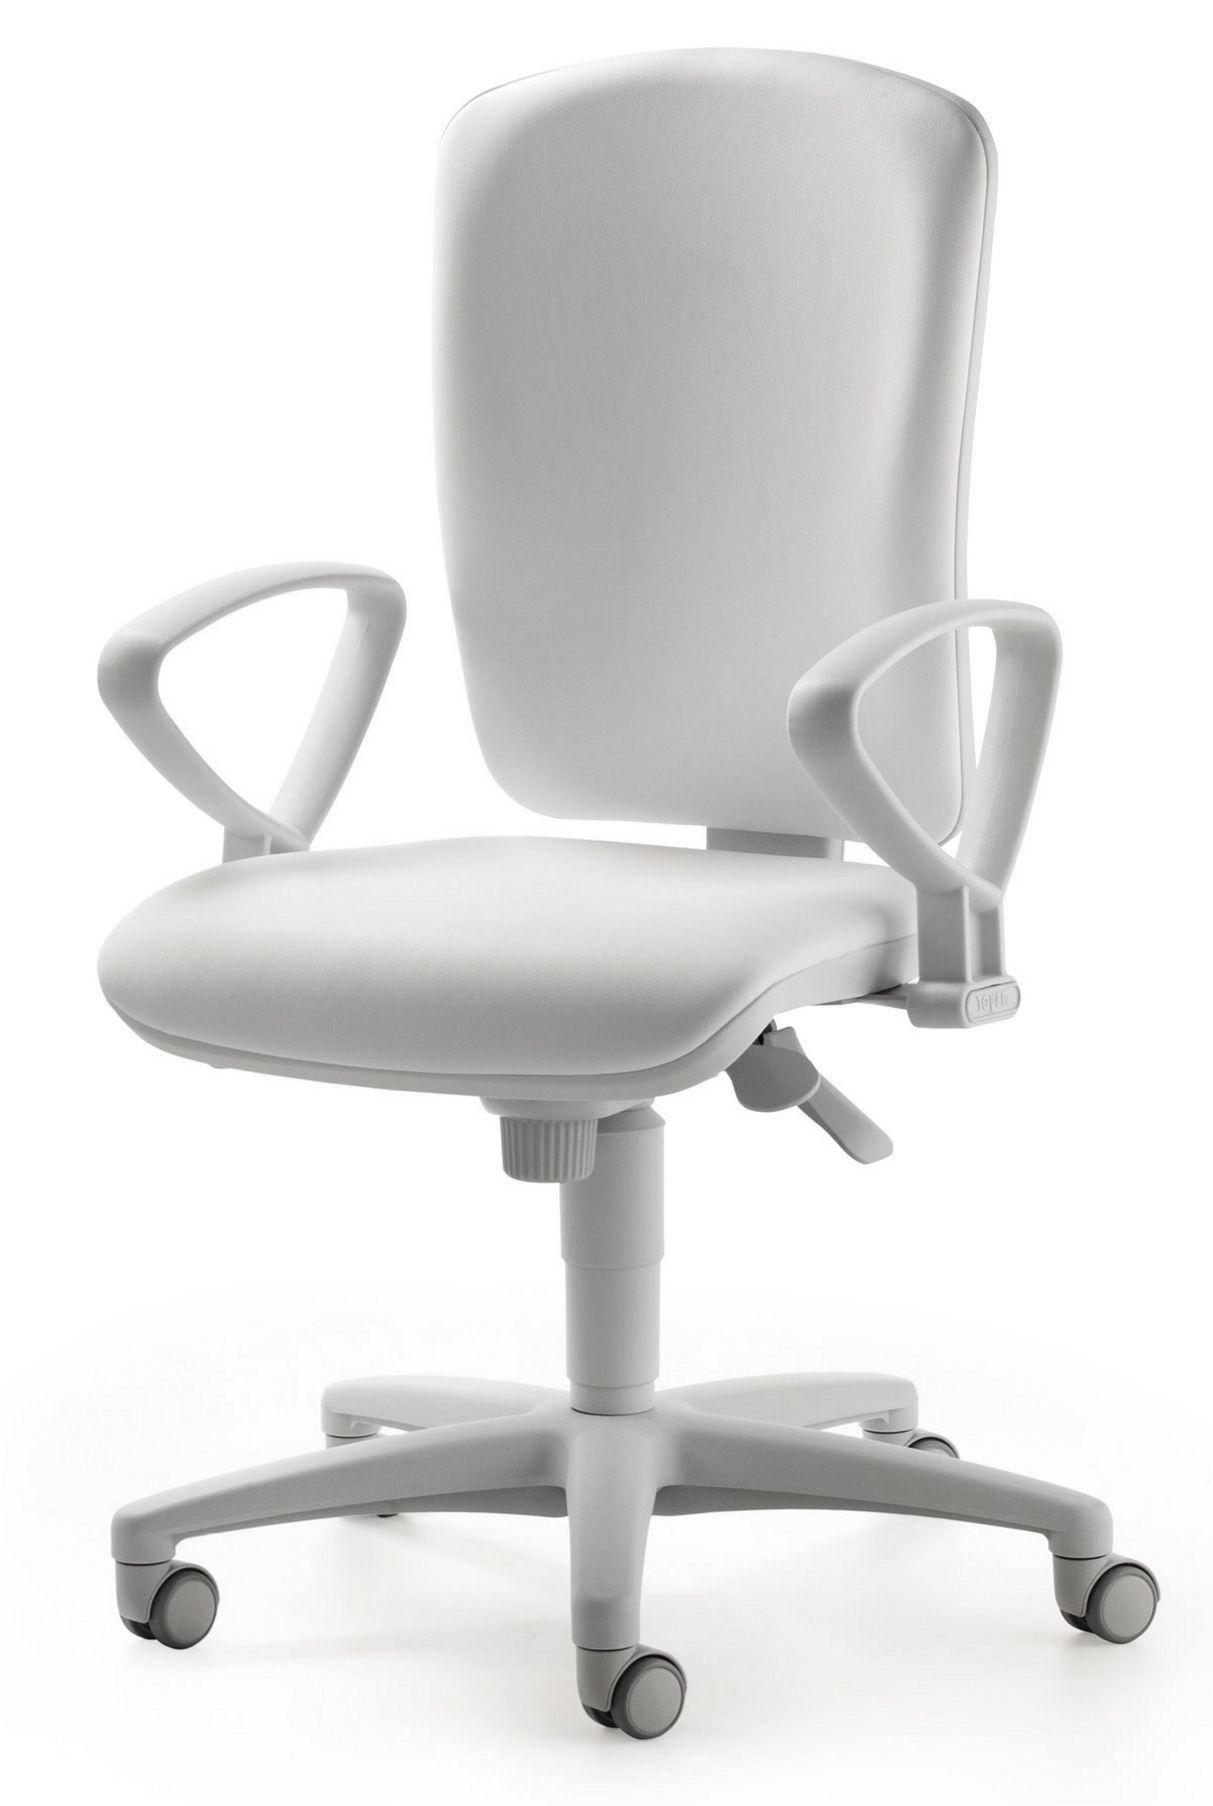 weißer Arzt-Schreibtischstuhl leicht desinfizierbarer Sitzbezug